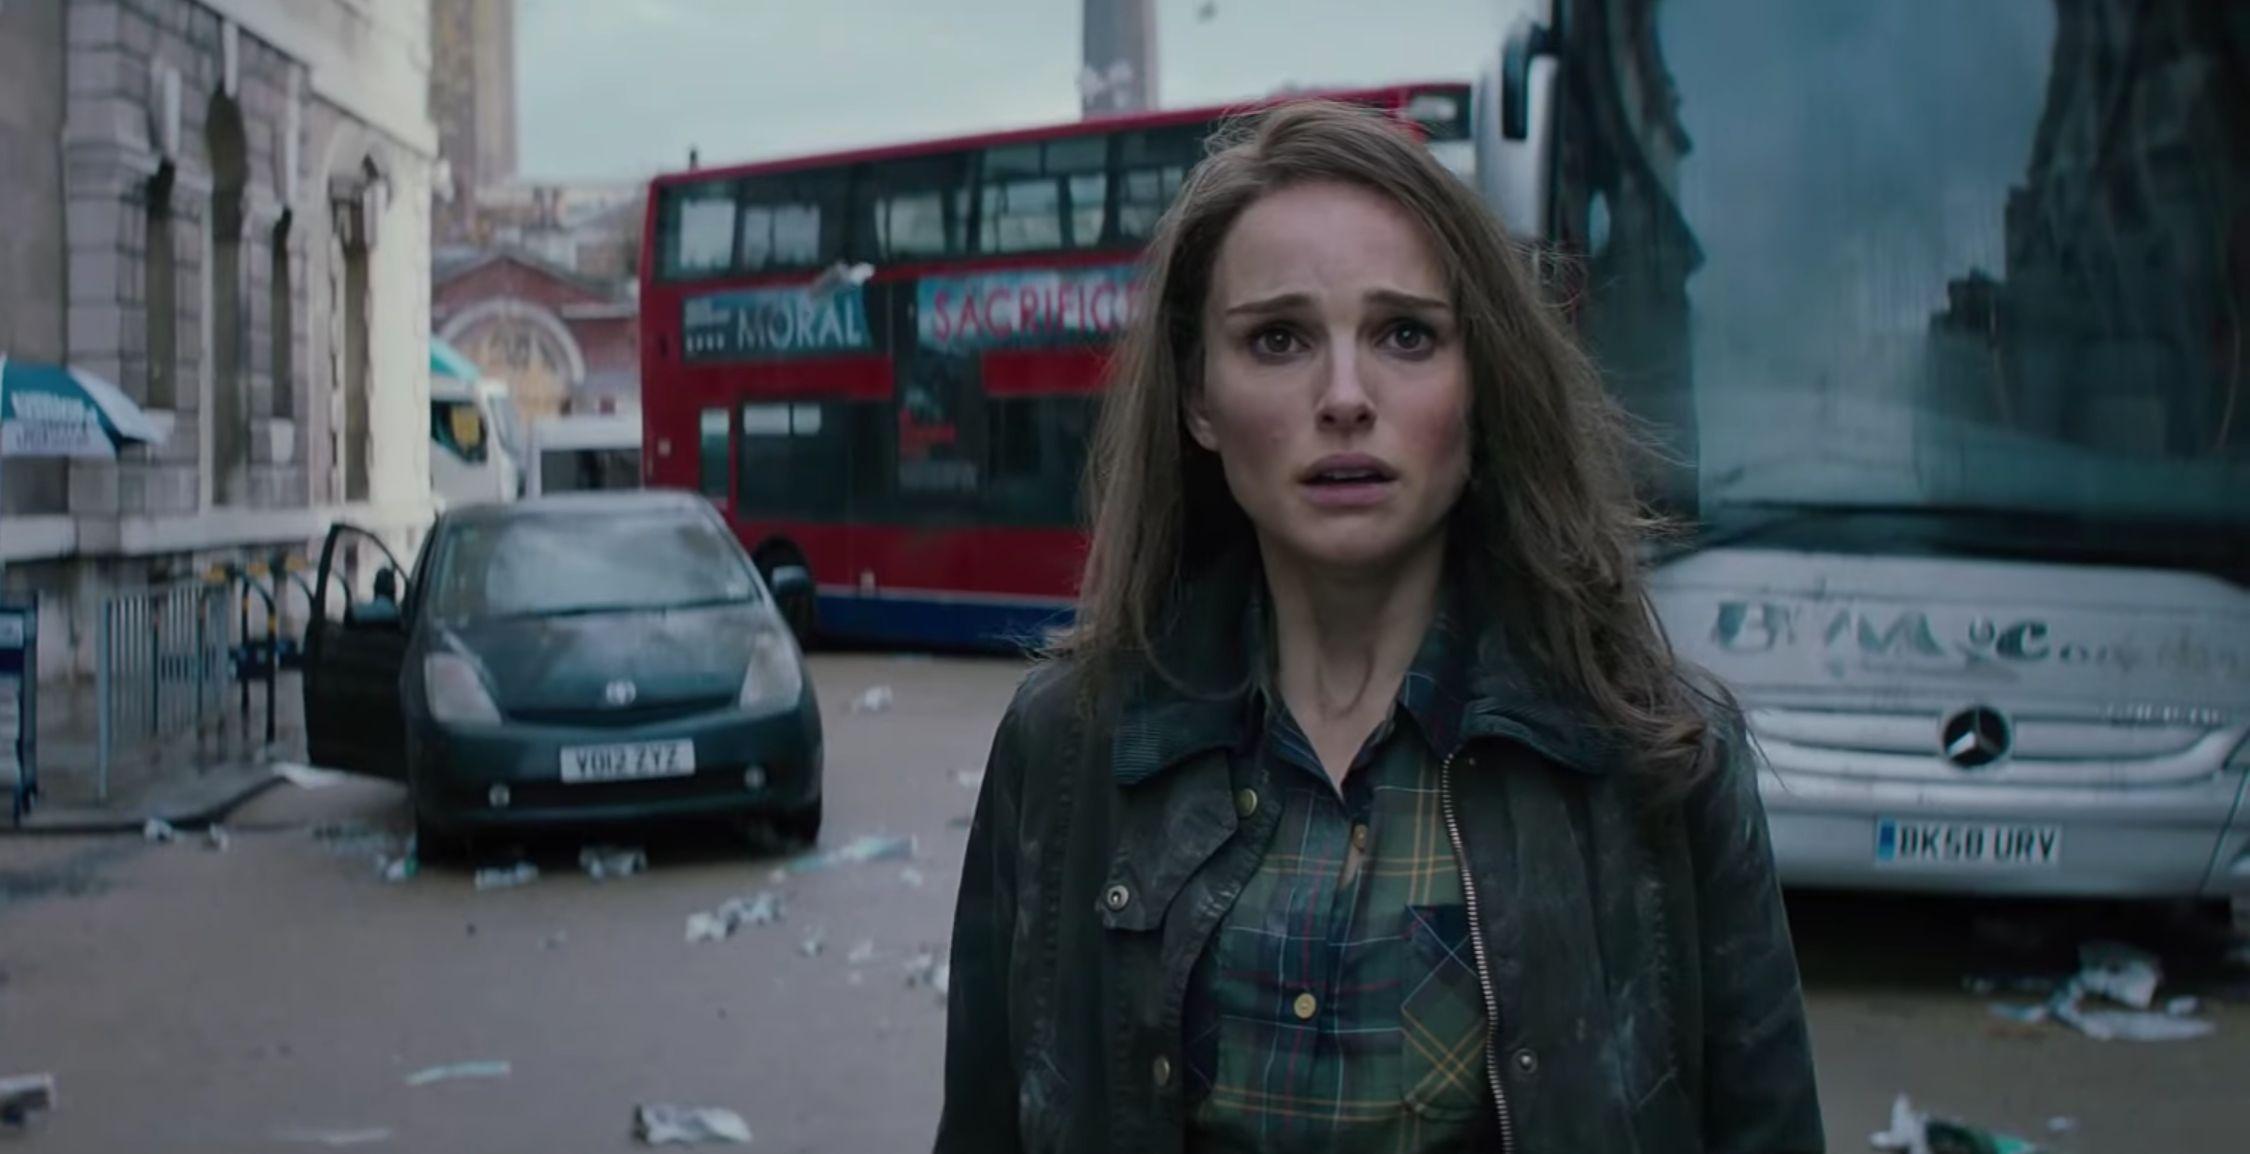 Natalie Portman as Jane in